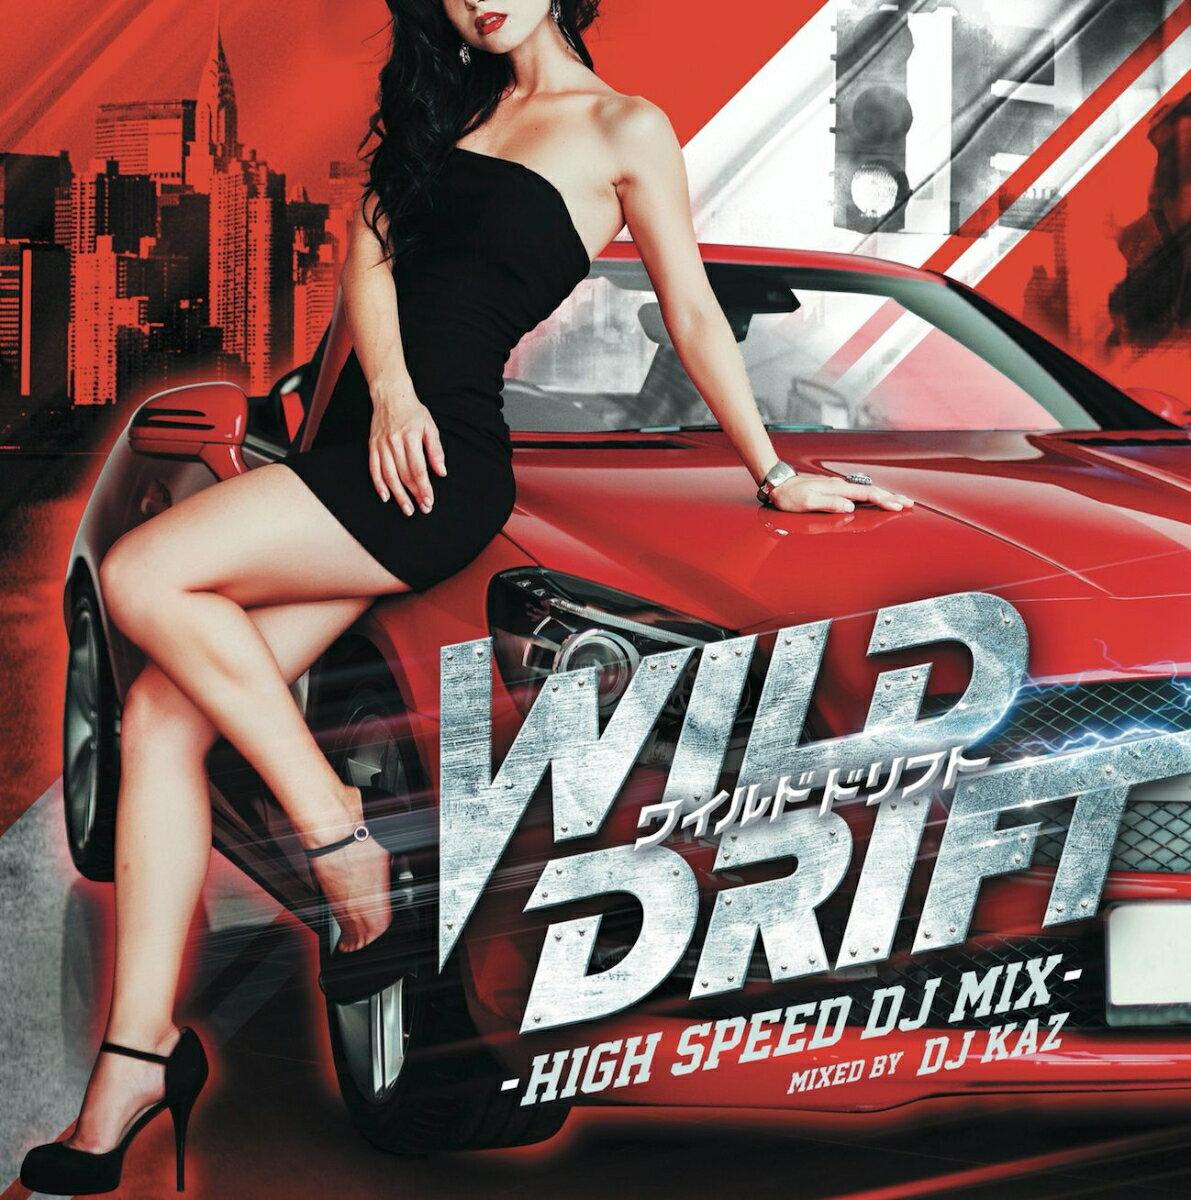 ワイルドドリフト -HIGH SPEED DJ MIX- mixed by DJ KAZ [ DJ KAZ ]